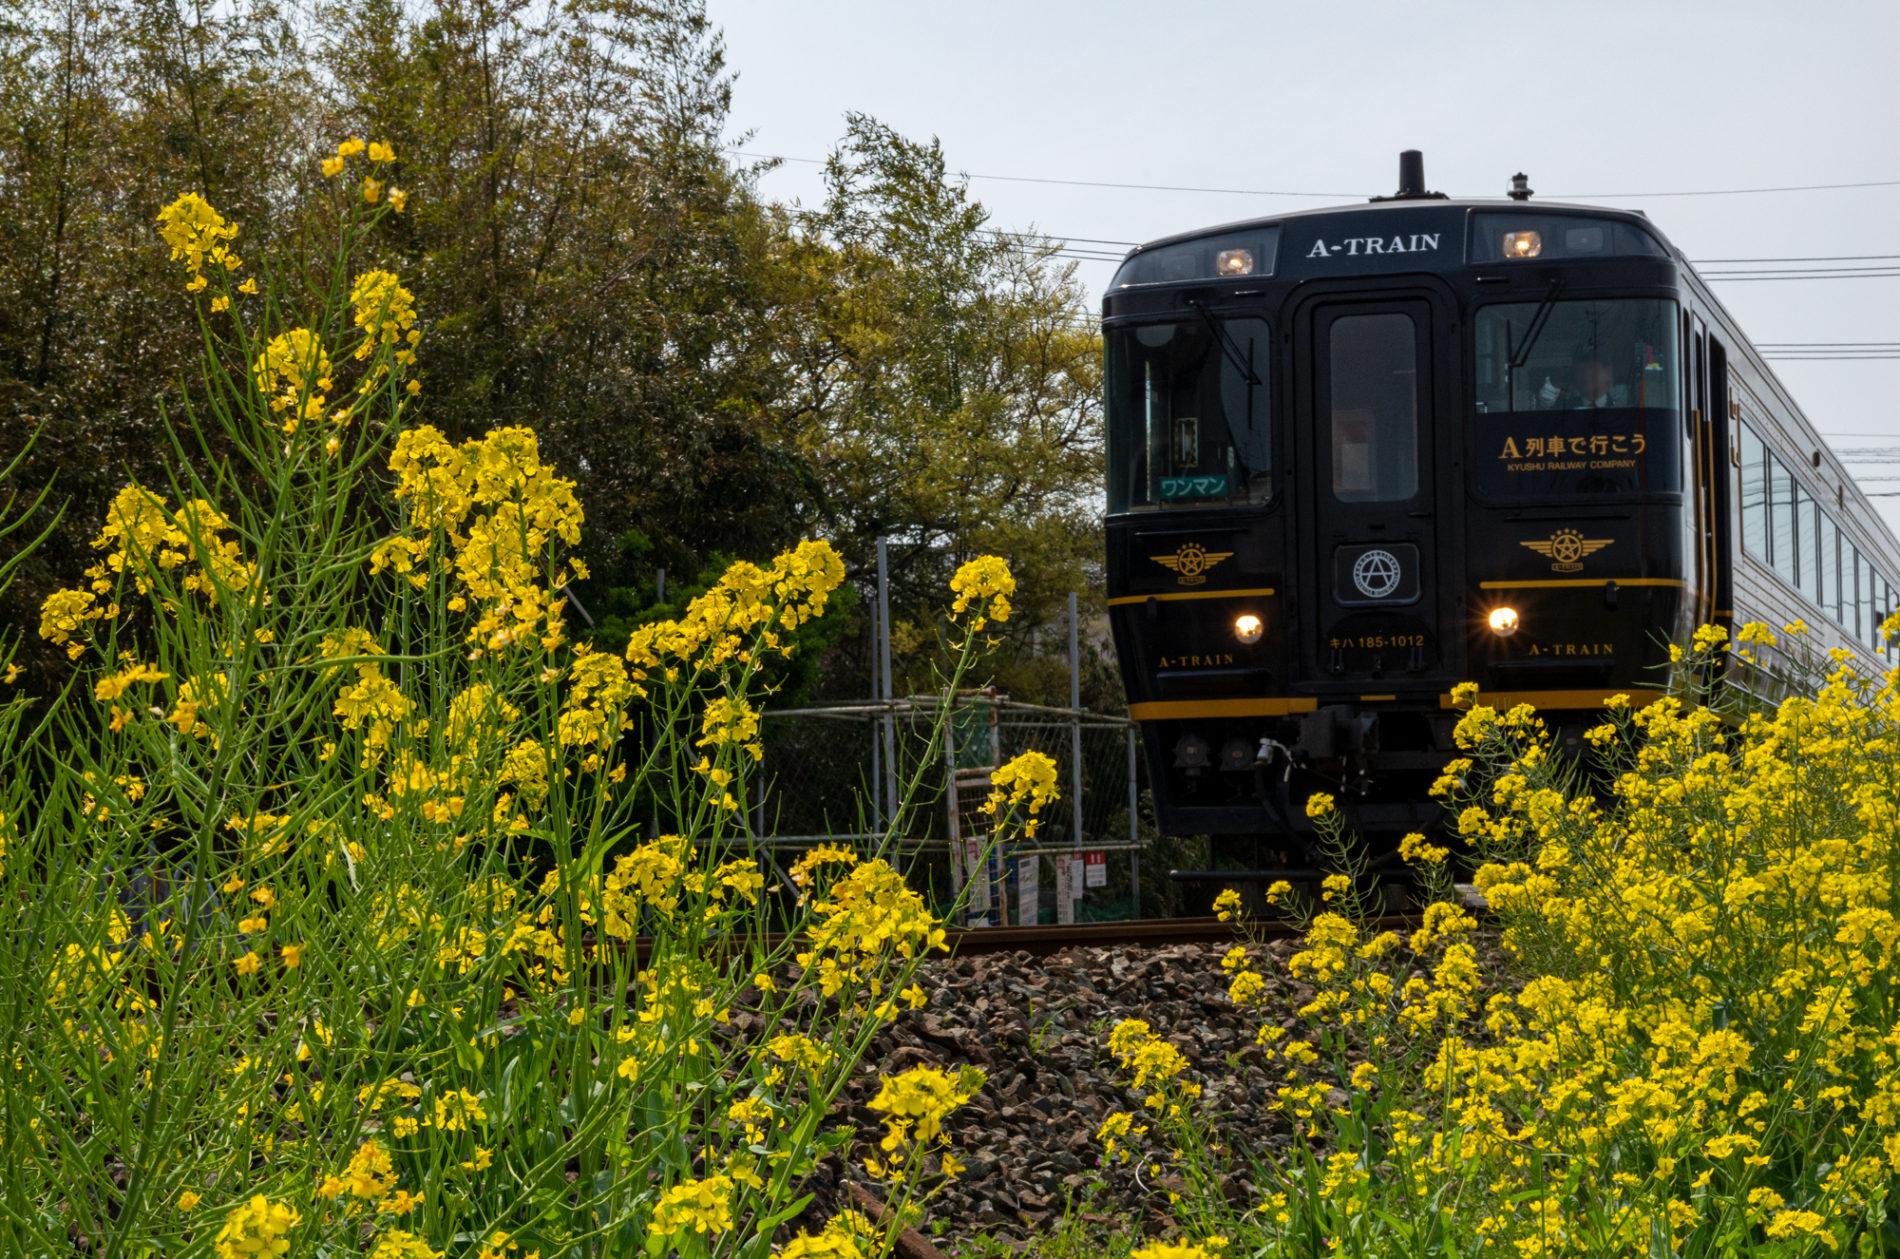 菜の花と特急A列車(A-TRAIN)